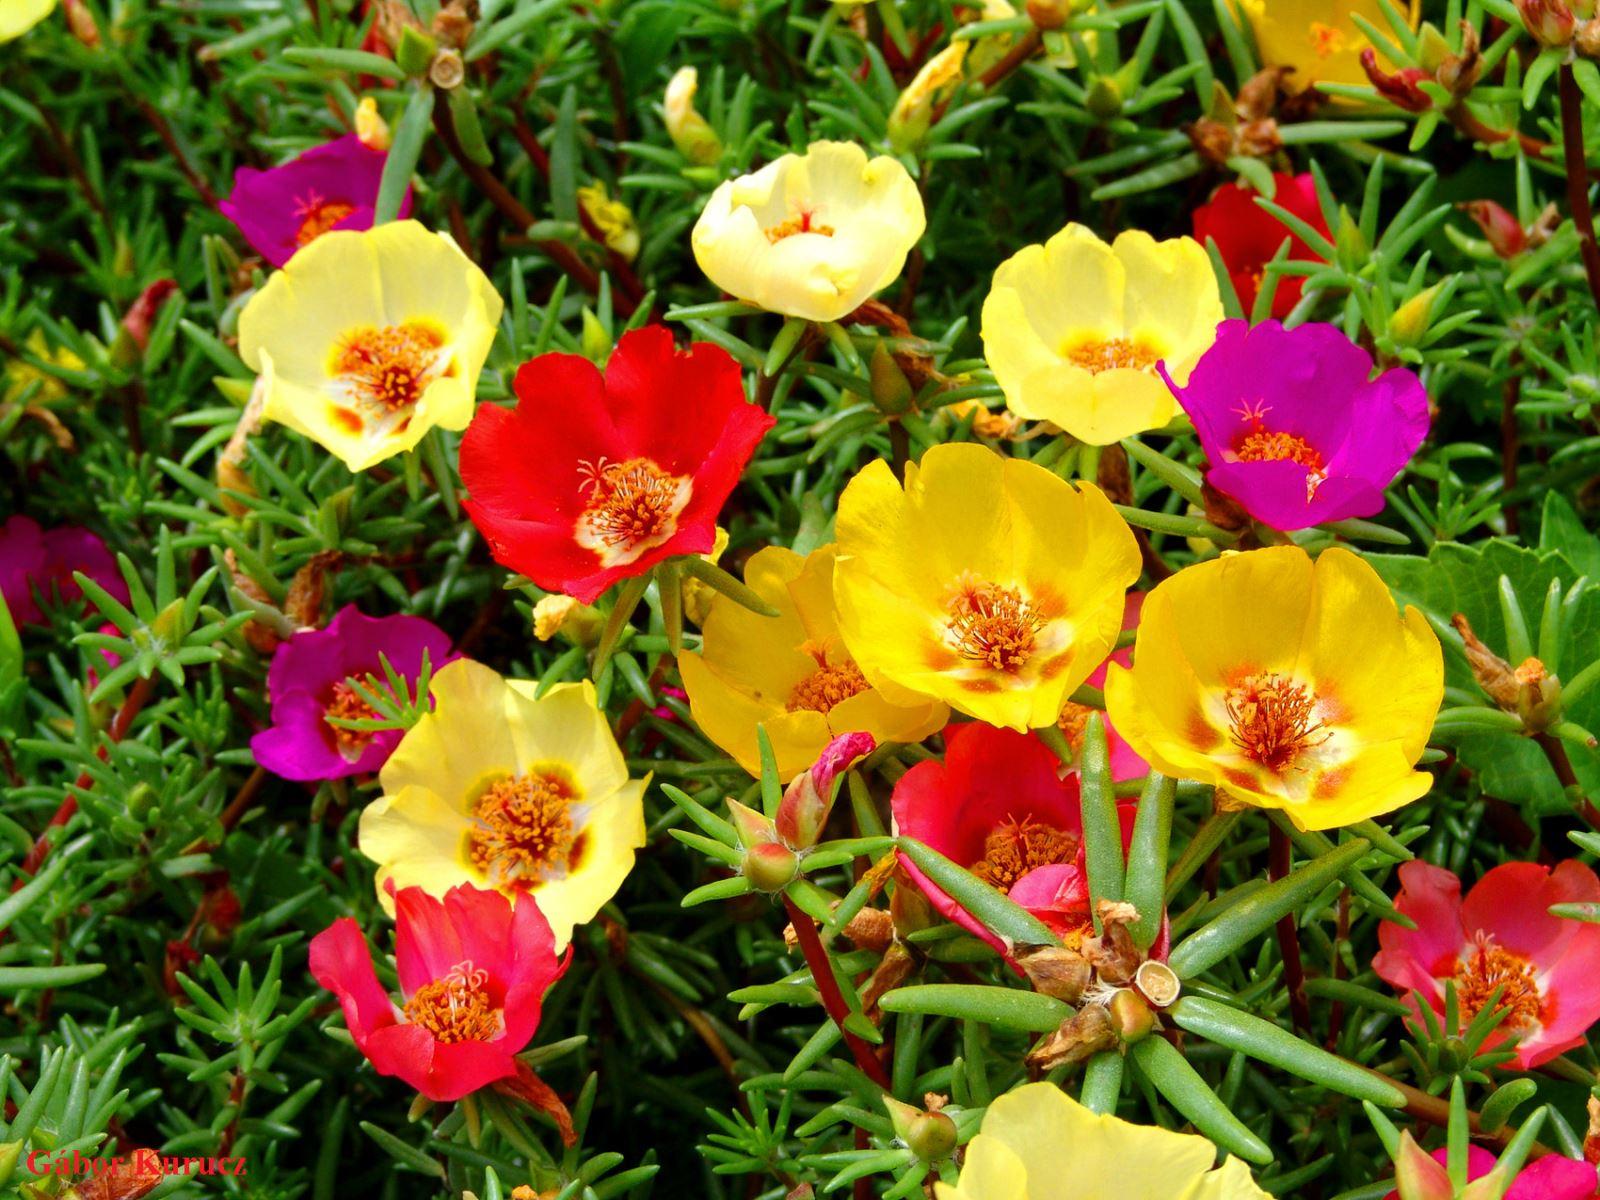 Hoa mười giờ vàng đỏ tím